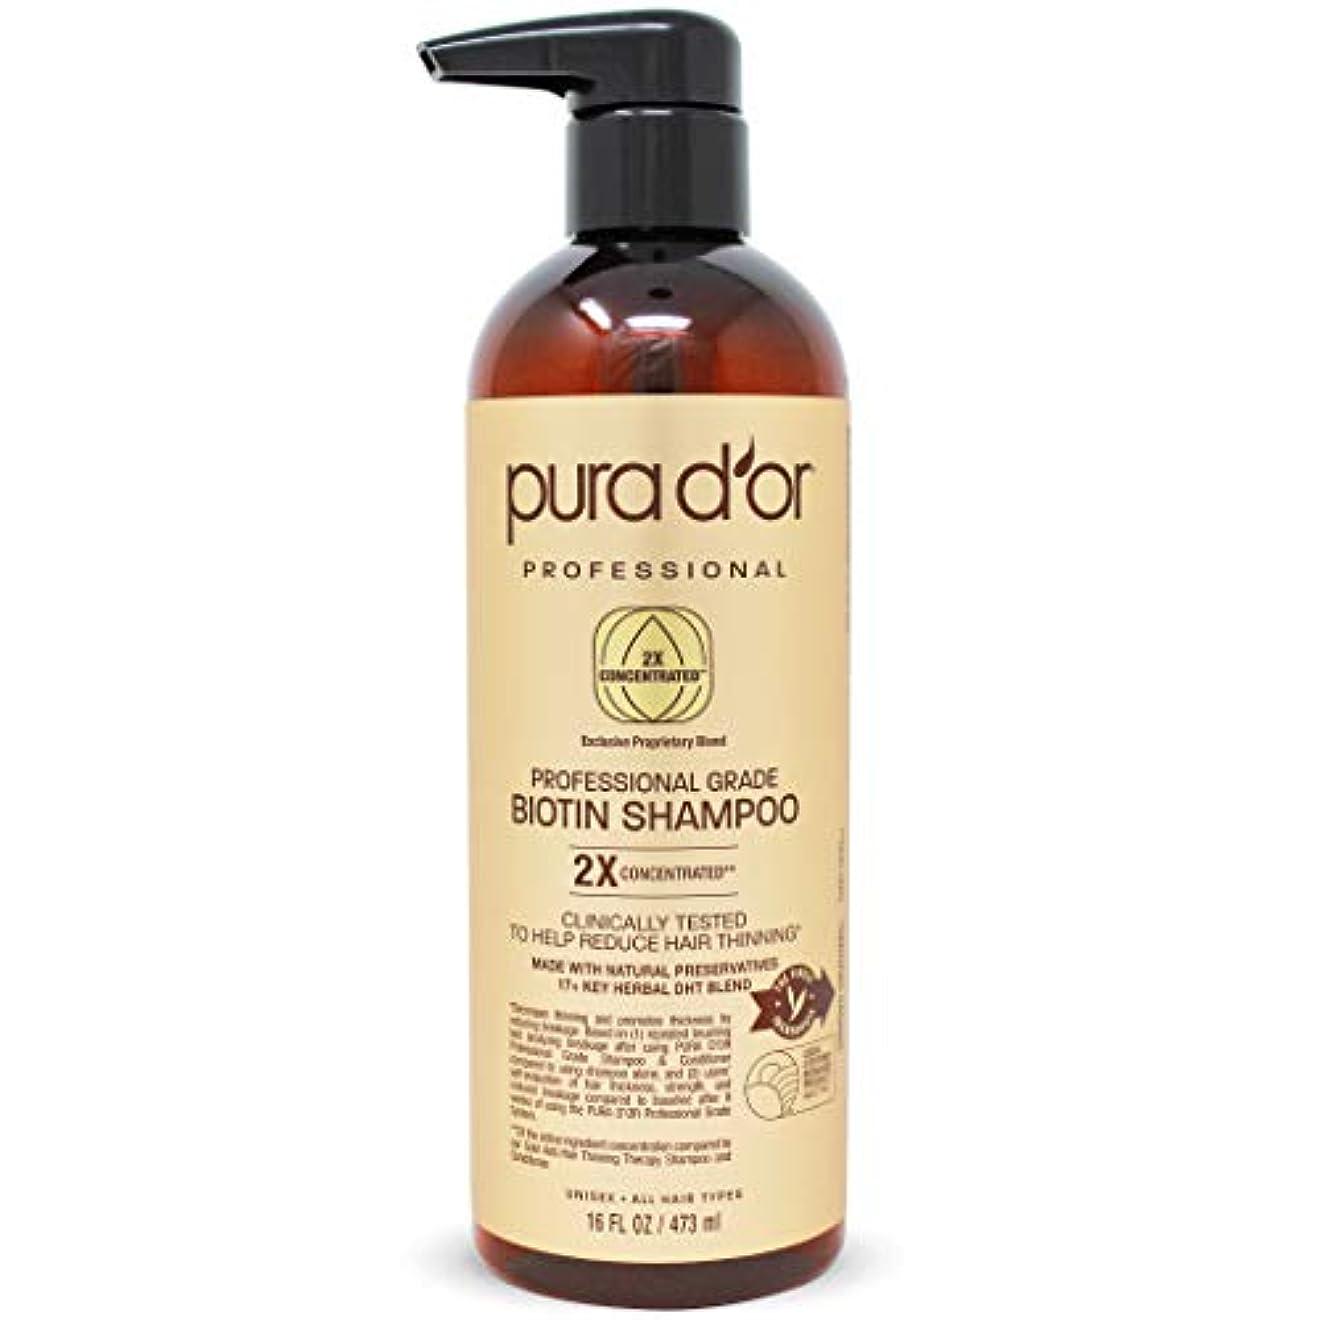 手綱名義で岩PURA D'OR プロフェッショナル品質 薄毛対策 2X 濃縮 有効成分 効果を高める 天然成分 臨床試験済み、硫酸塩フリー、男性 & 女性、473 ml(16 液量オンス) シャンプー